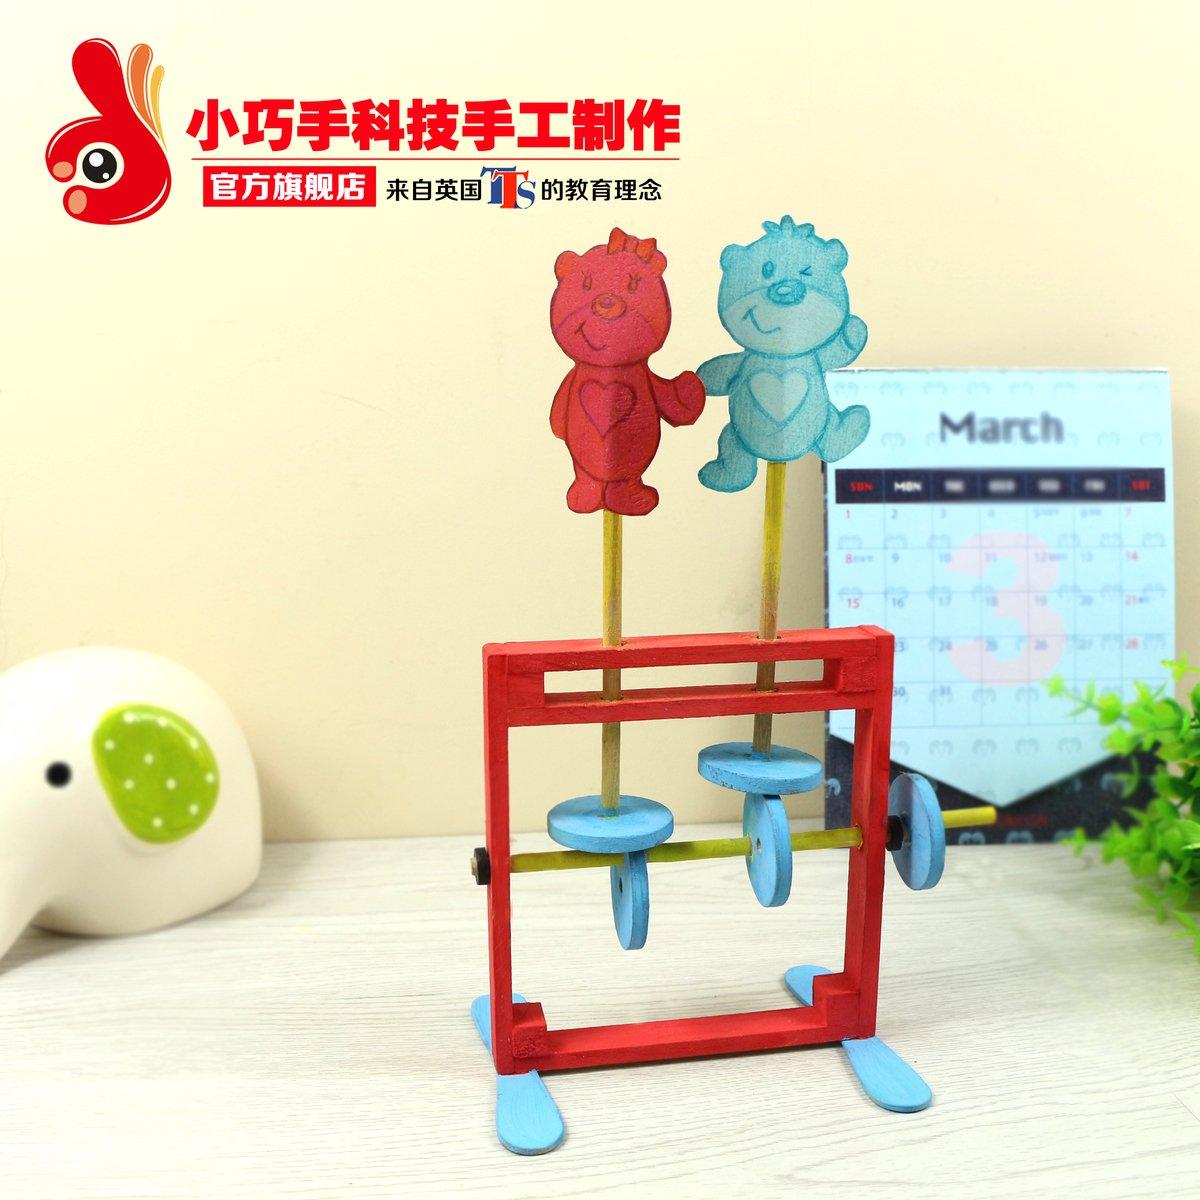 双人舞蹈凸轮传动diy科技手工小制作8-9岁儿童木制创意粘贴类玩具